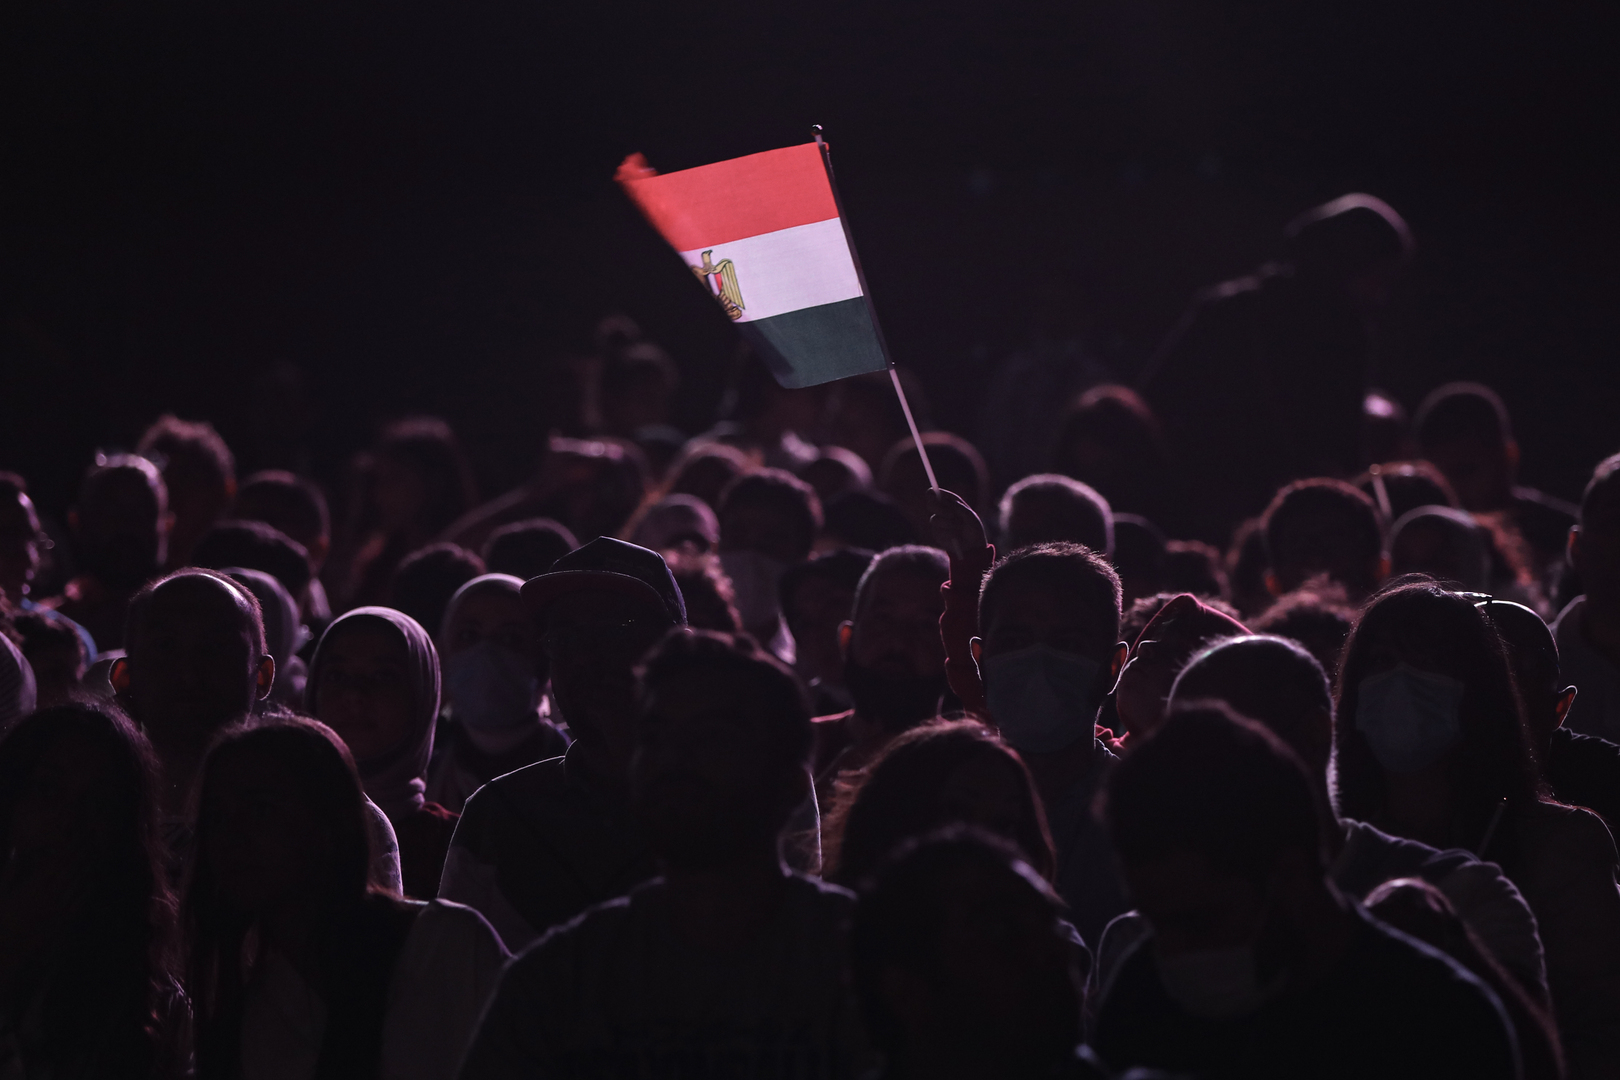 تفاصيل جديدة حول تعذيب مواطن مصري وبتر يده في ليبيا